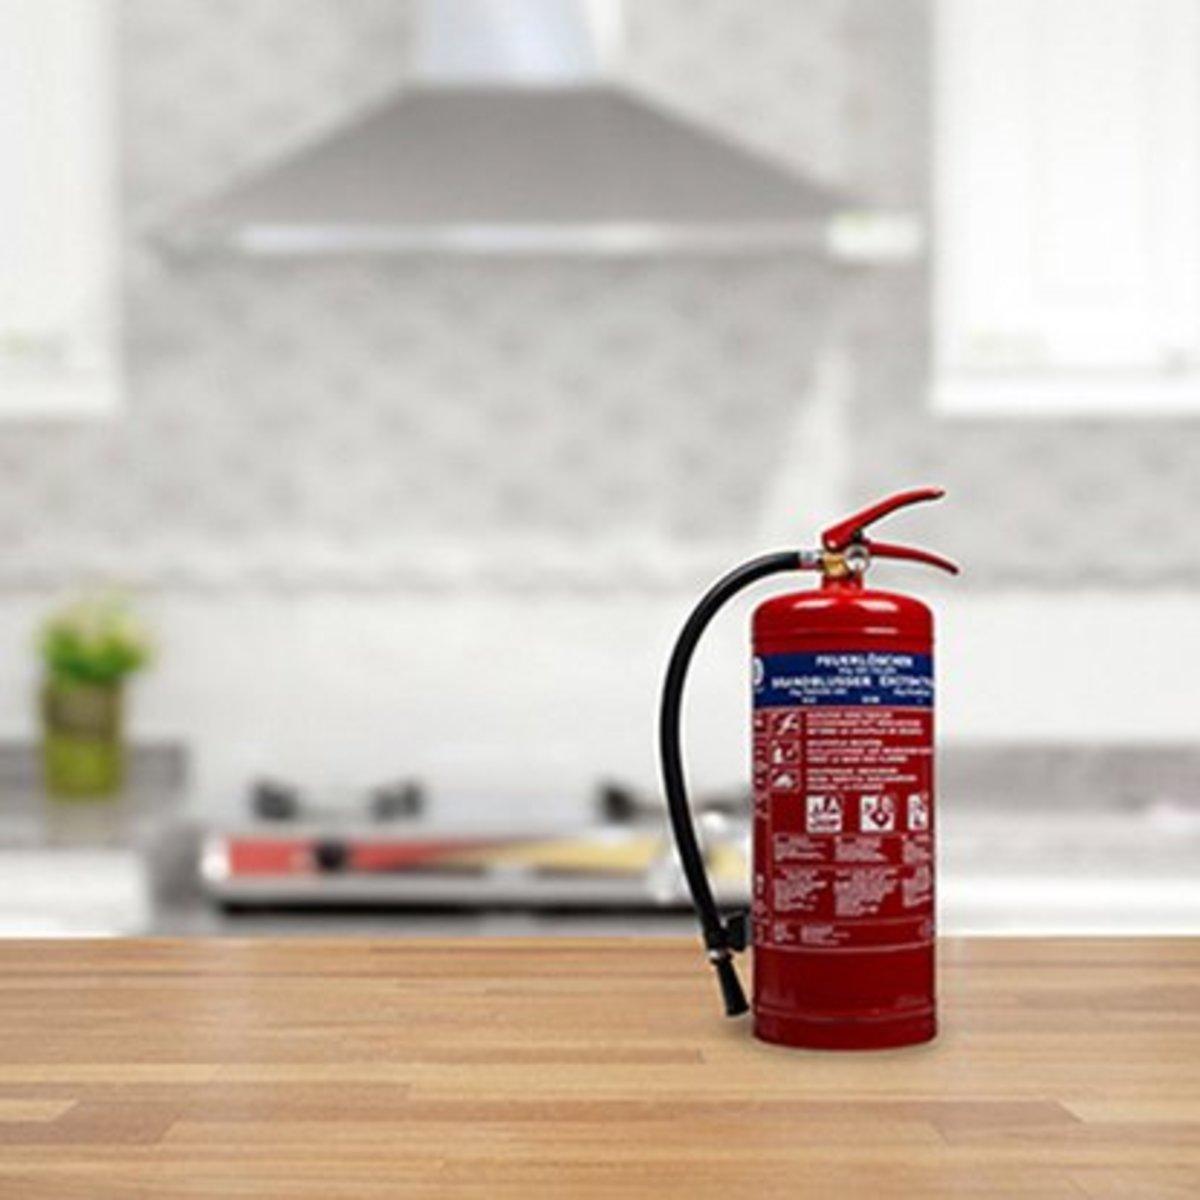 Bild 2 von Smartwares Pulverlöscher ABC mit Halterung 6 kg